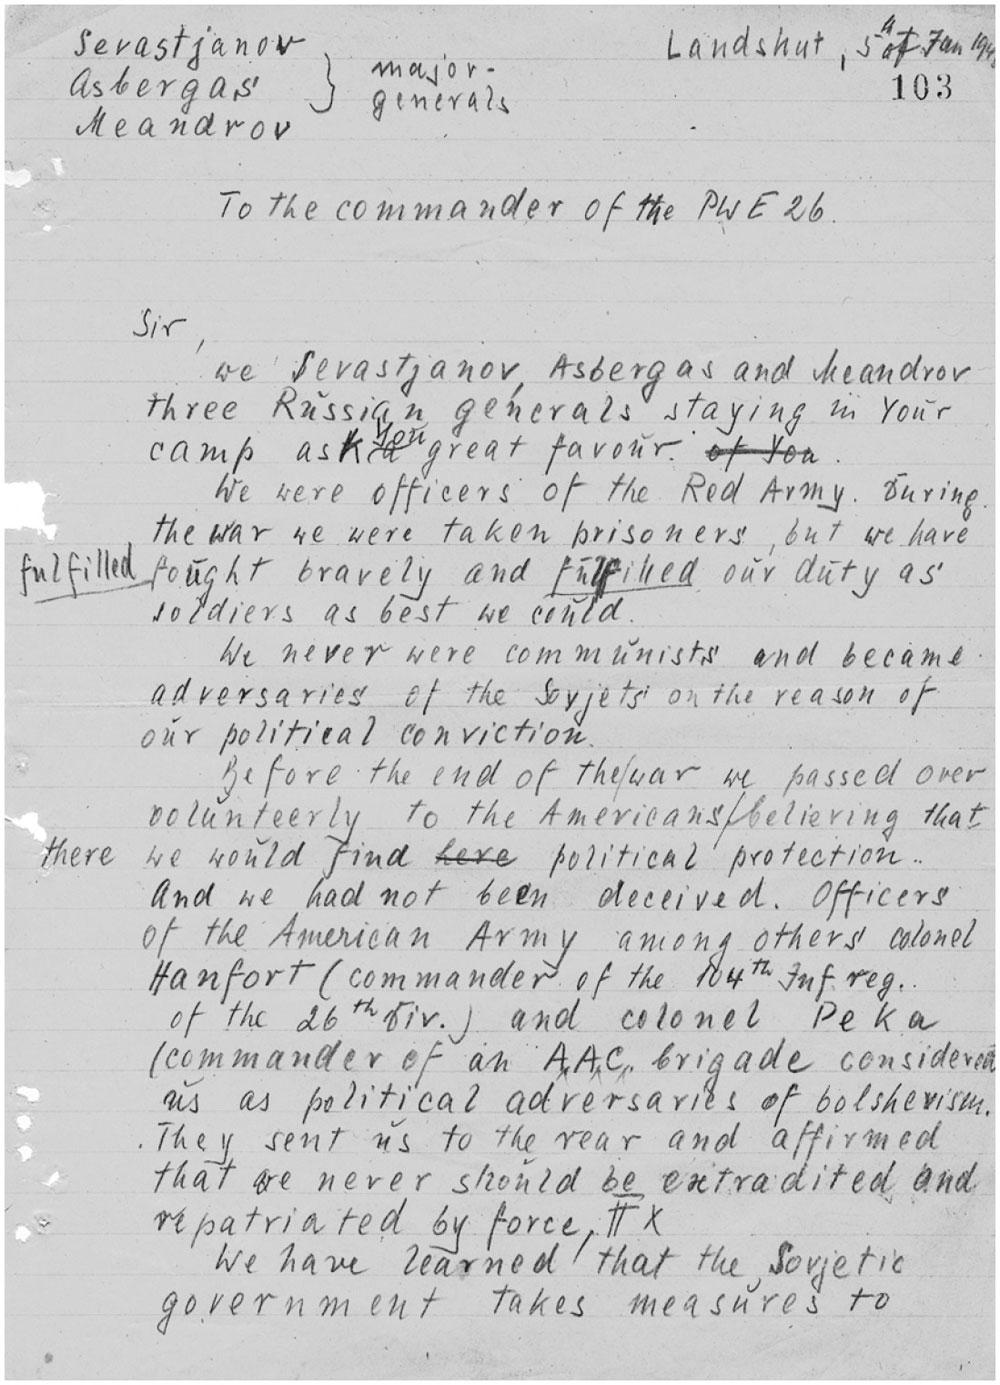 Письмо Асбергаса (Арцезо), Меандрова и Севастьянова в адрес американского командования, 5 января 1946 года.